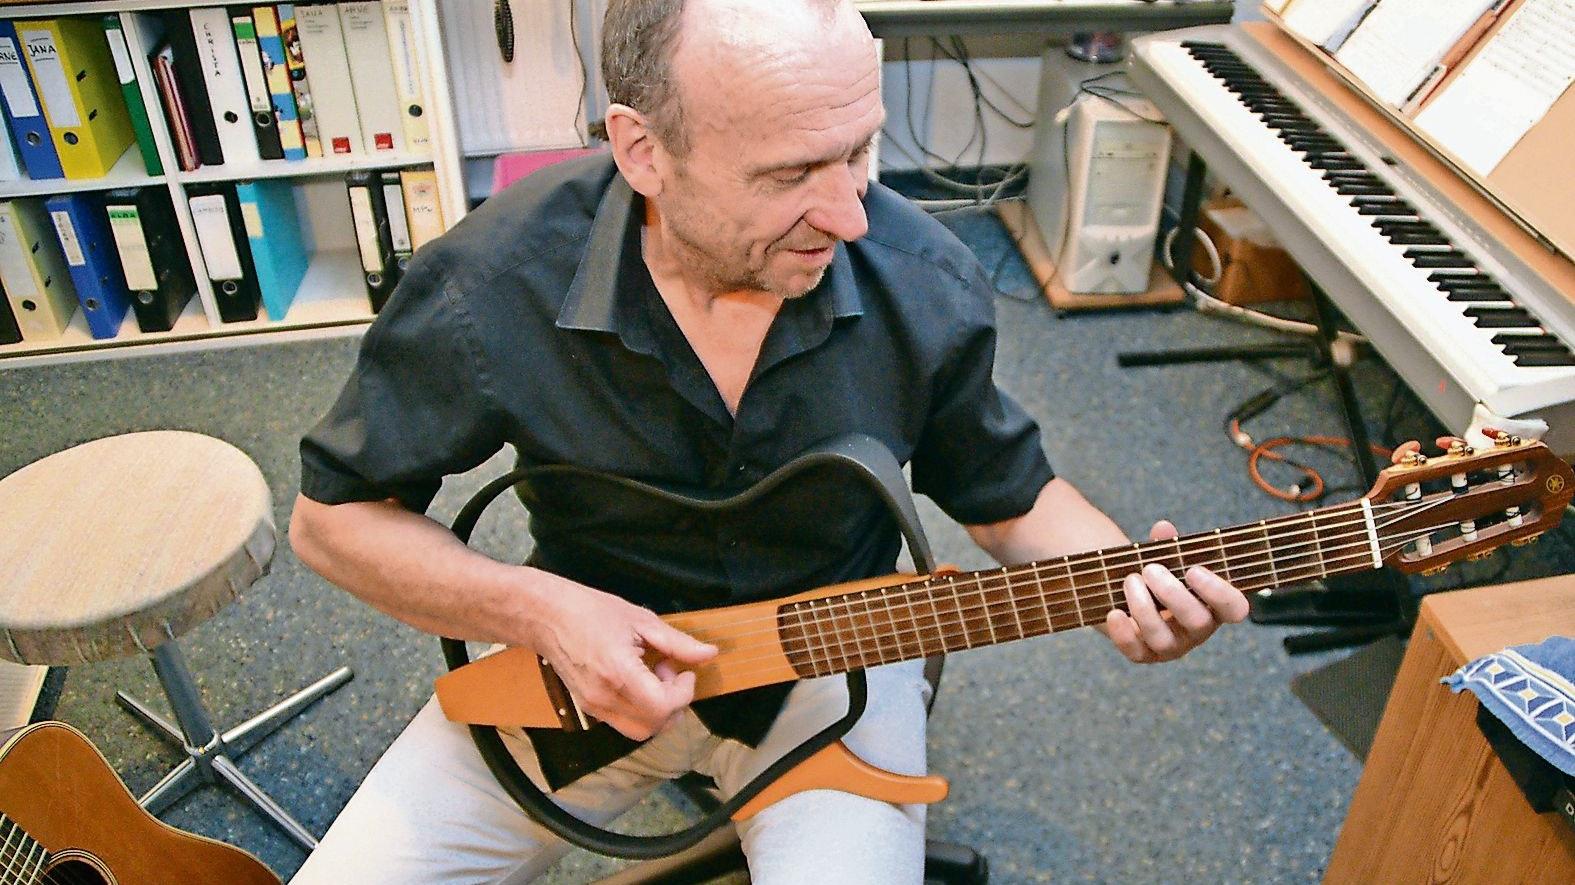 """Musik ist für ihn absolut analog: """"Zebu"""" Klaus Dieter Hildebrandt an der Gitarre. Foto: Claudia Wimberg"""